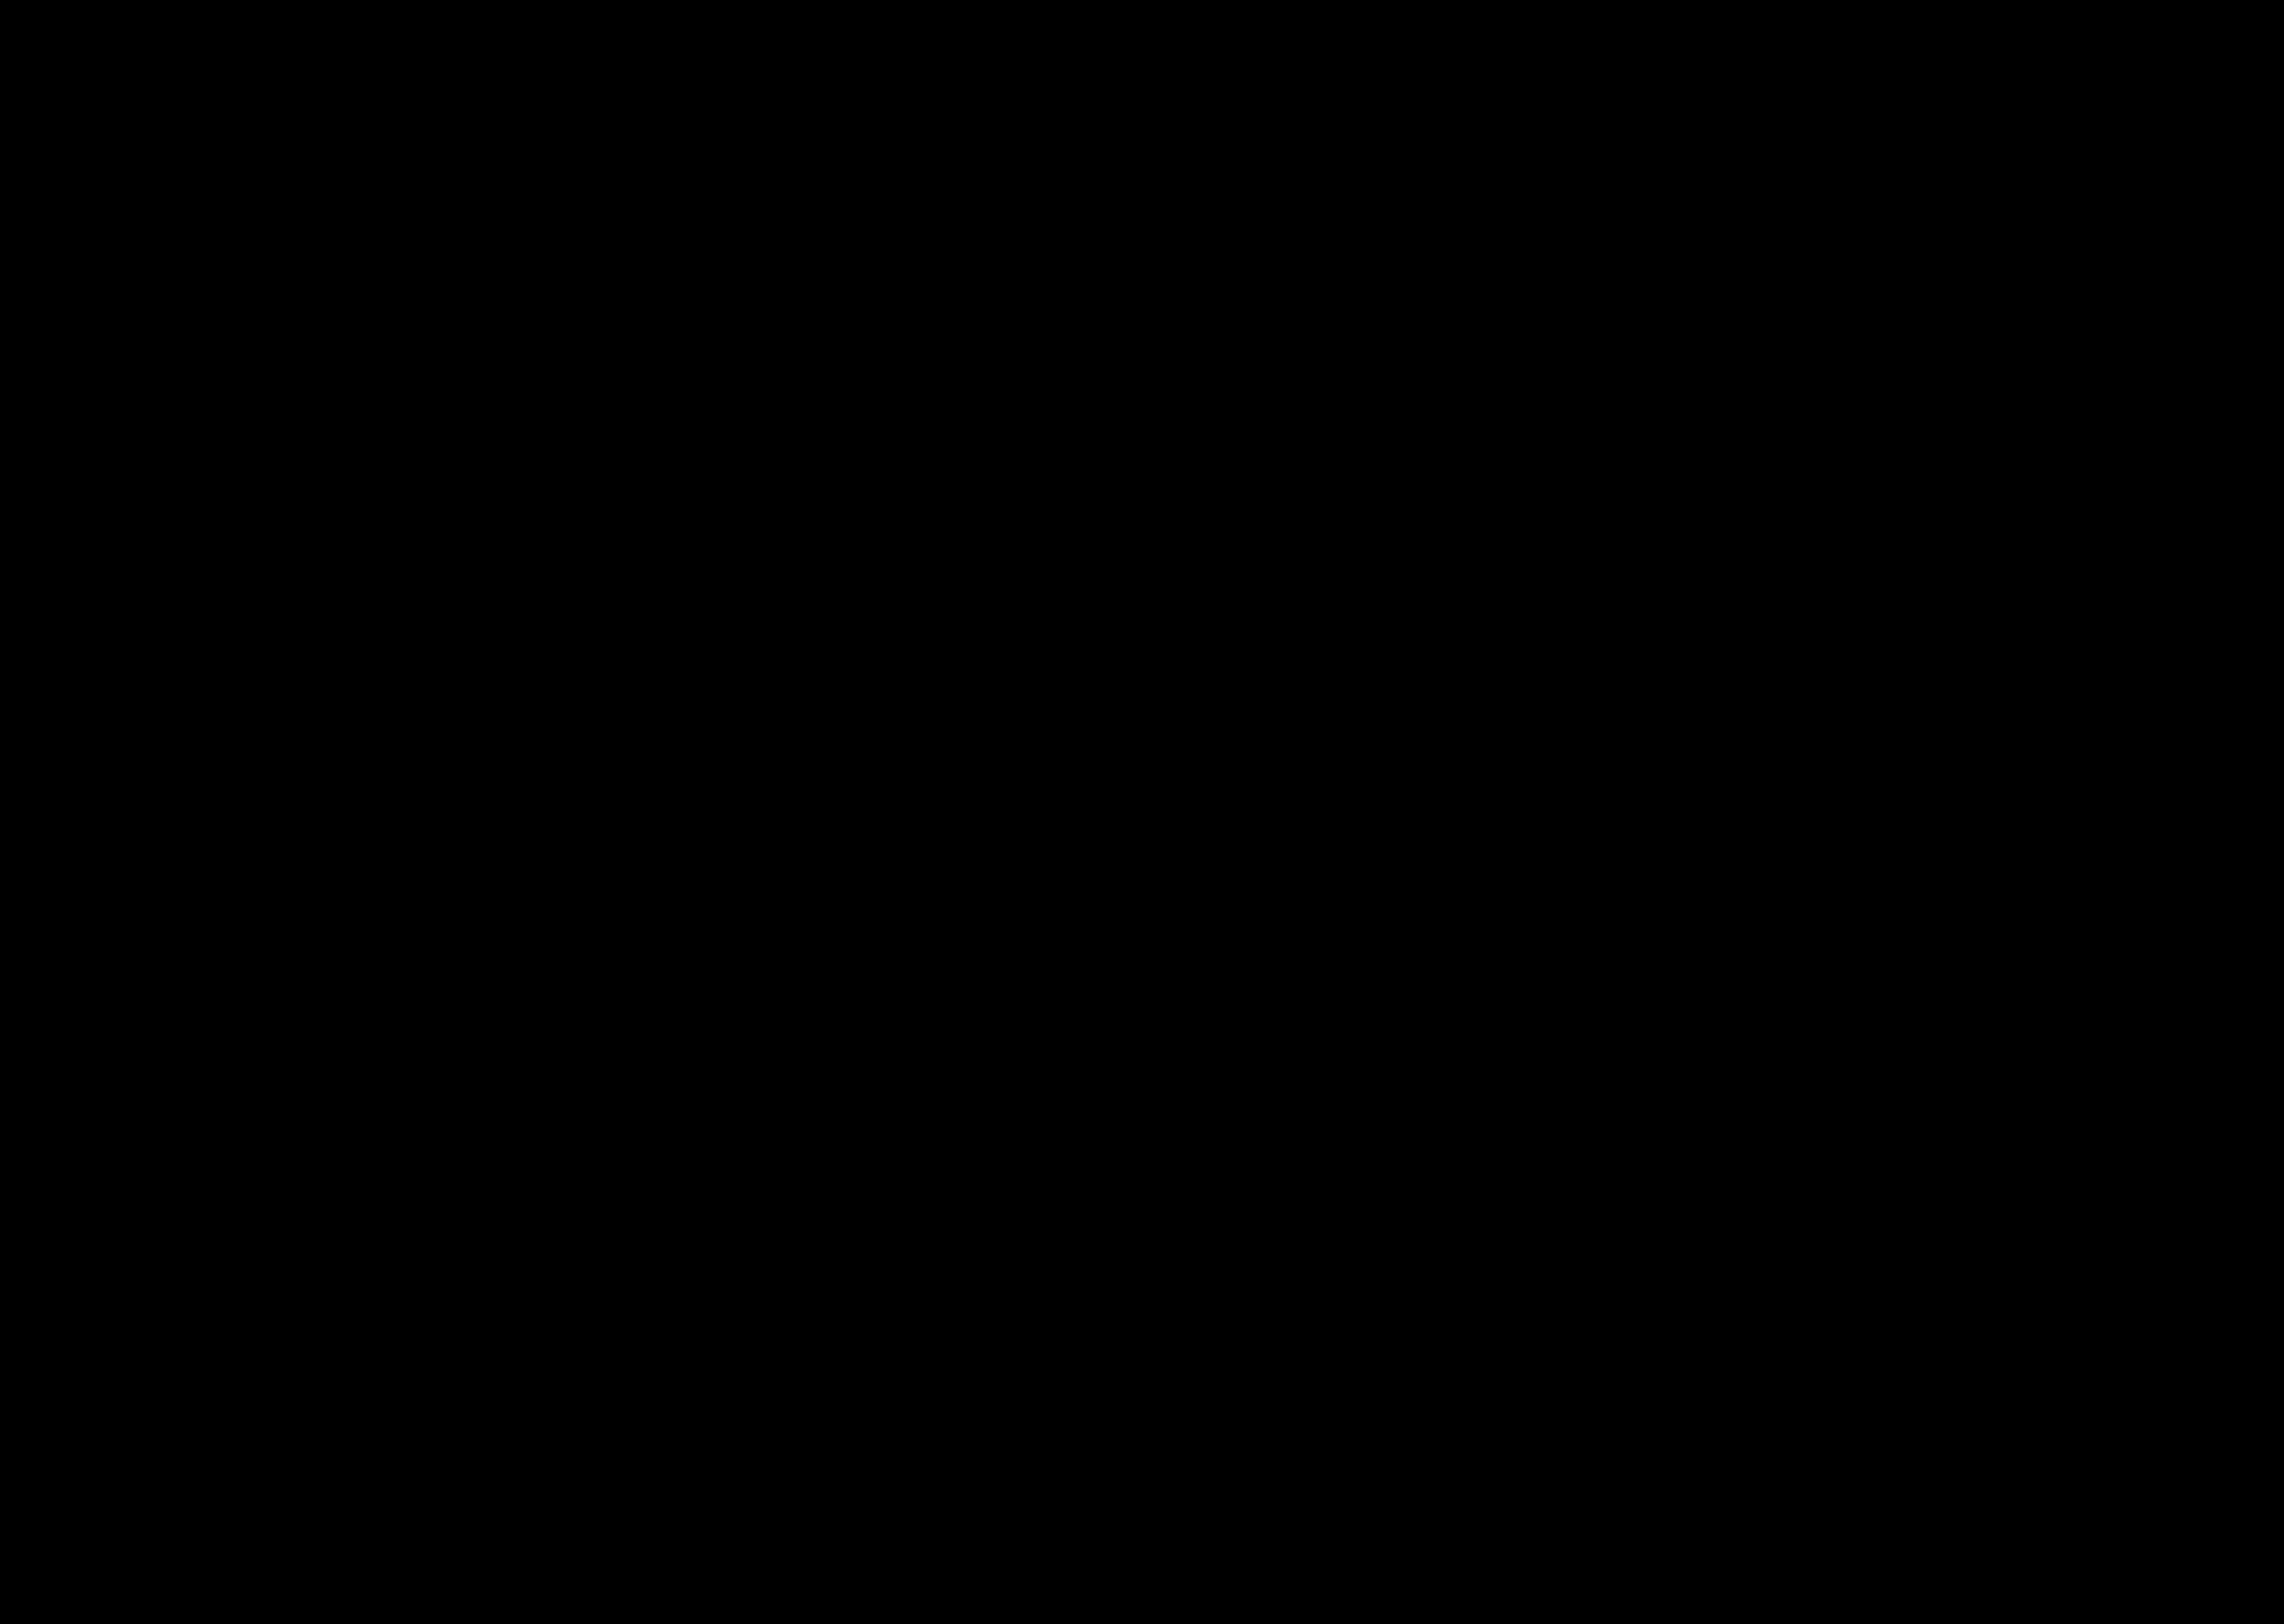 black-bear-clip-art-8 . BIG I - Bear Clipart Images